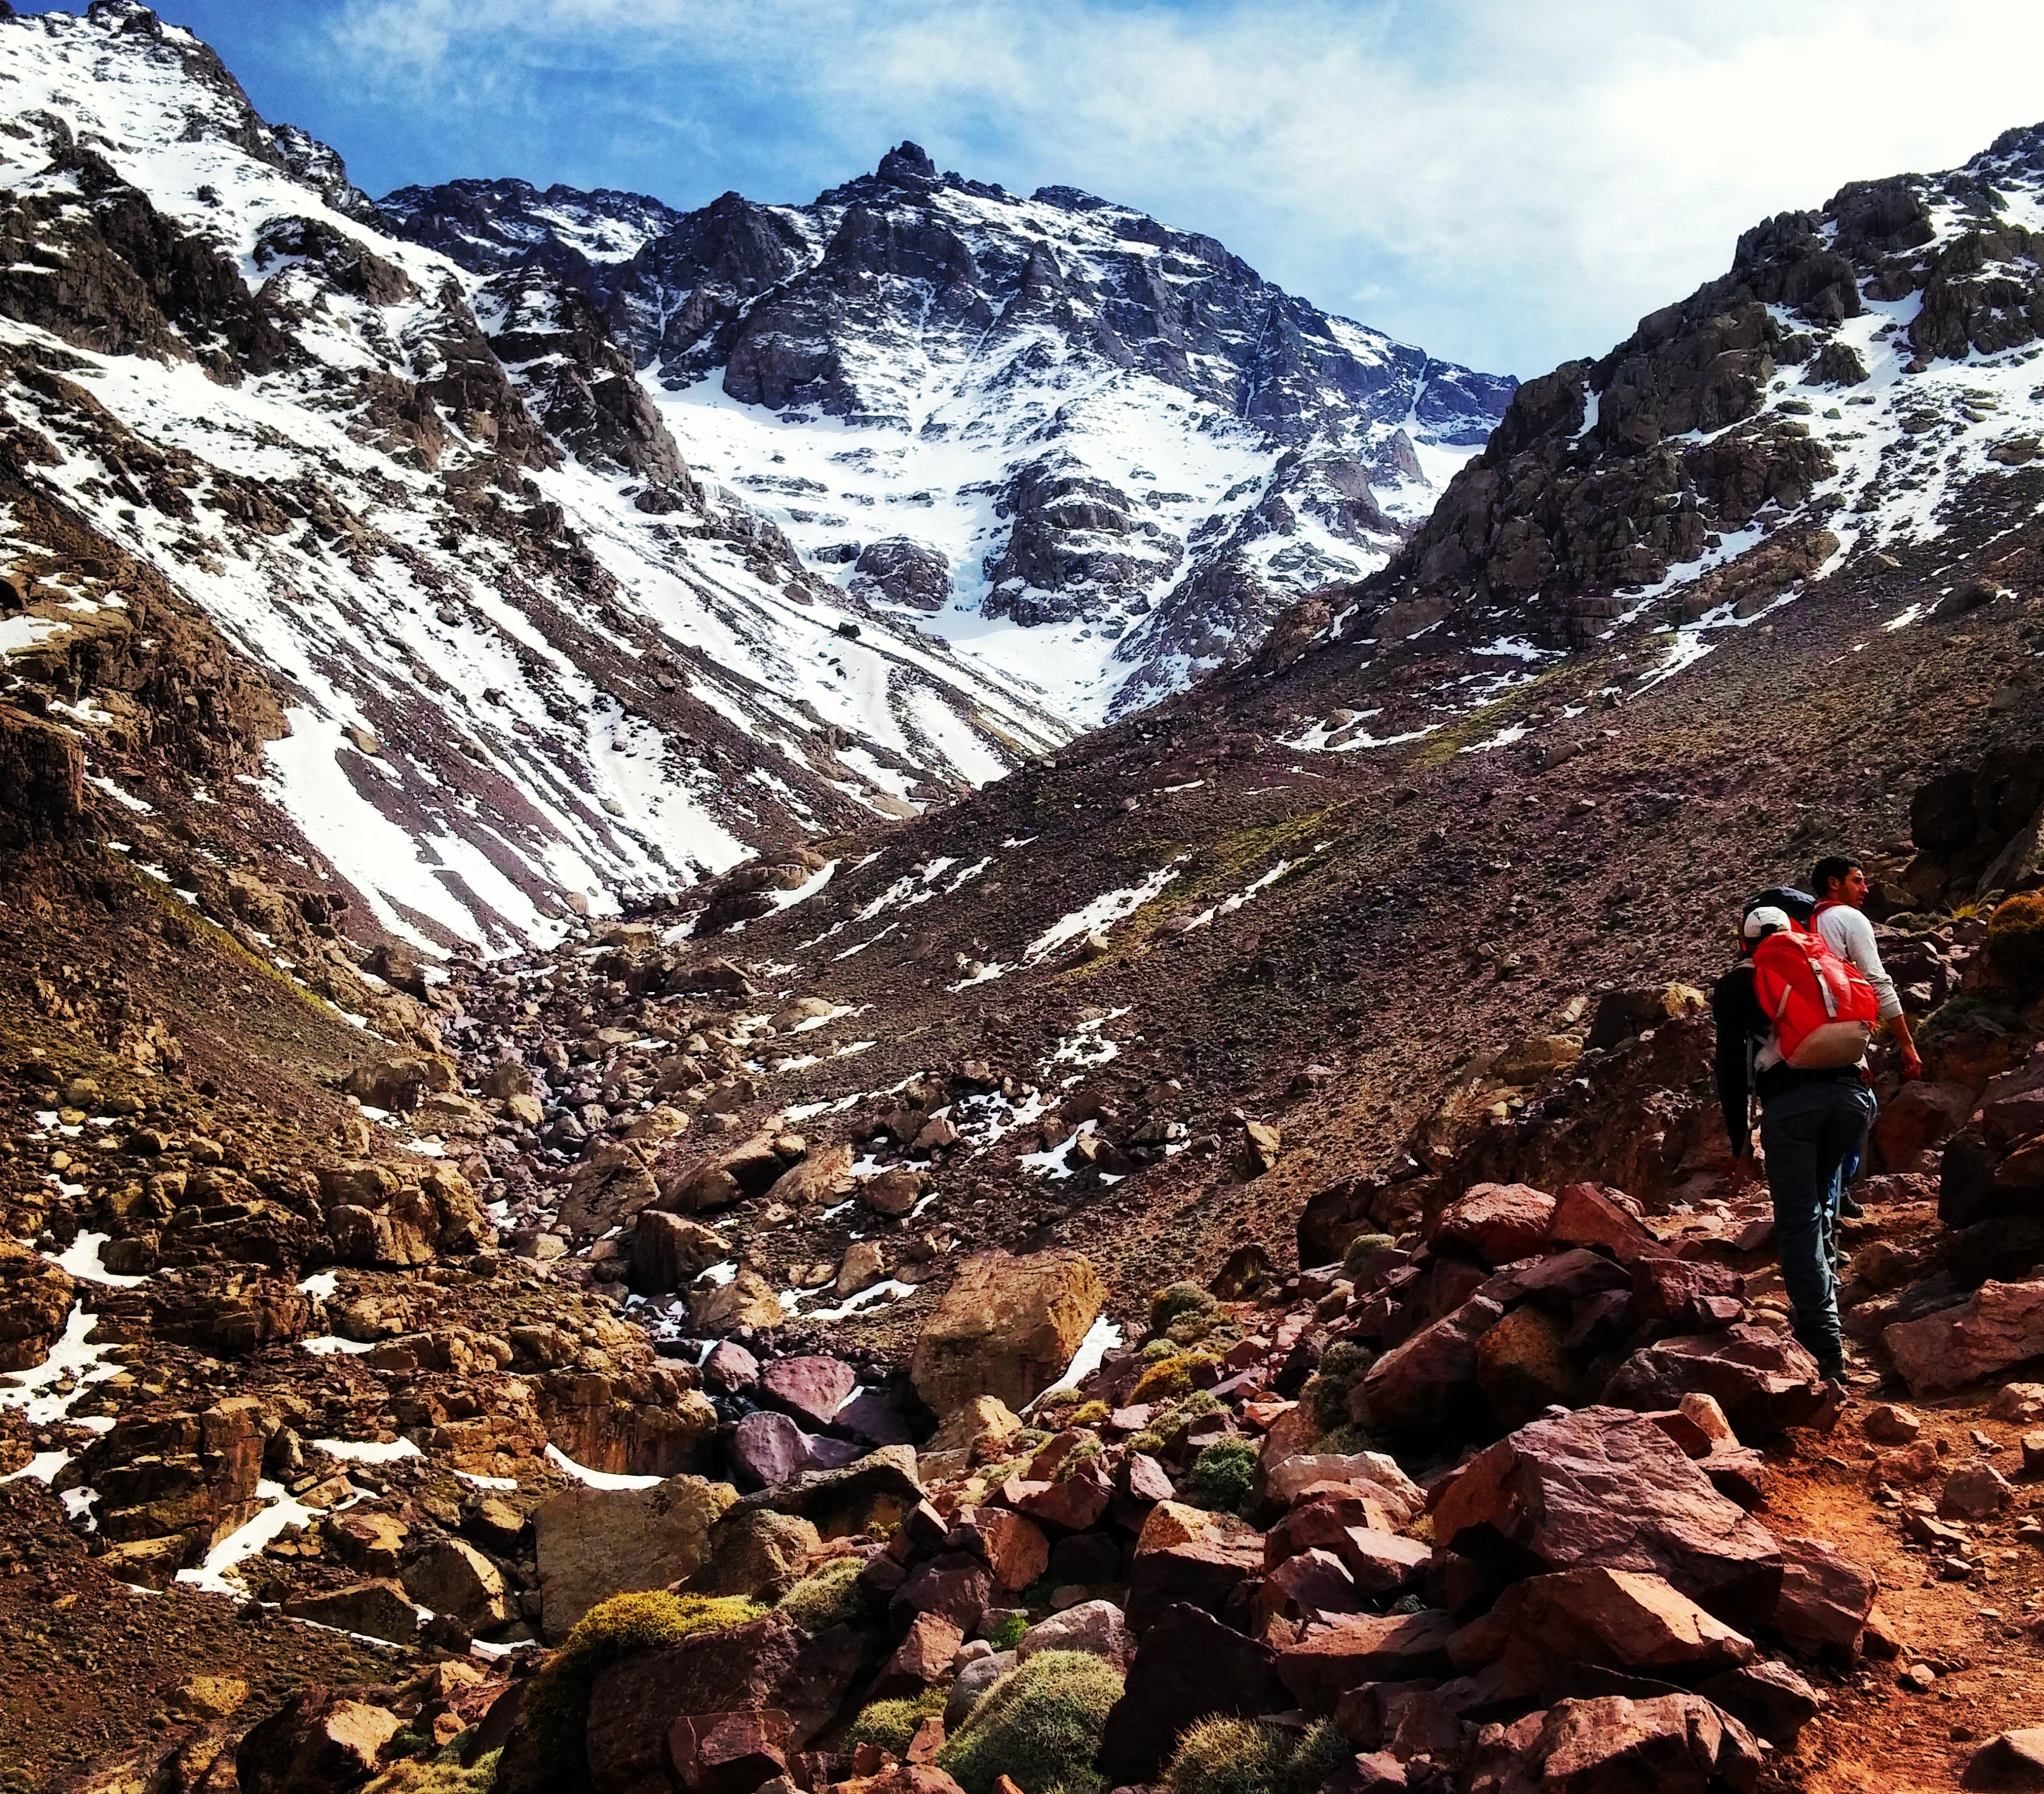 File:Atlas Mountains, Hiking.jpg - Wikipedia